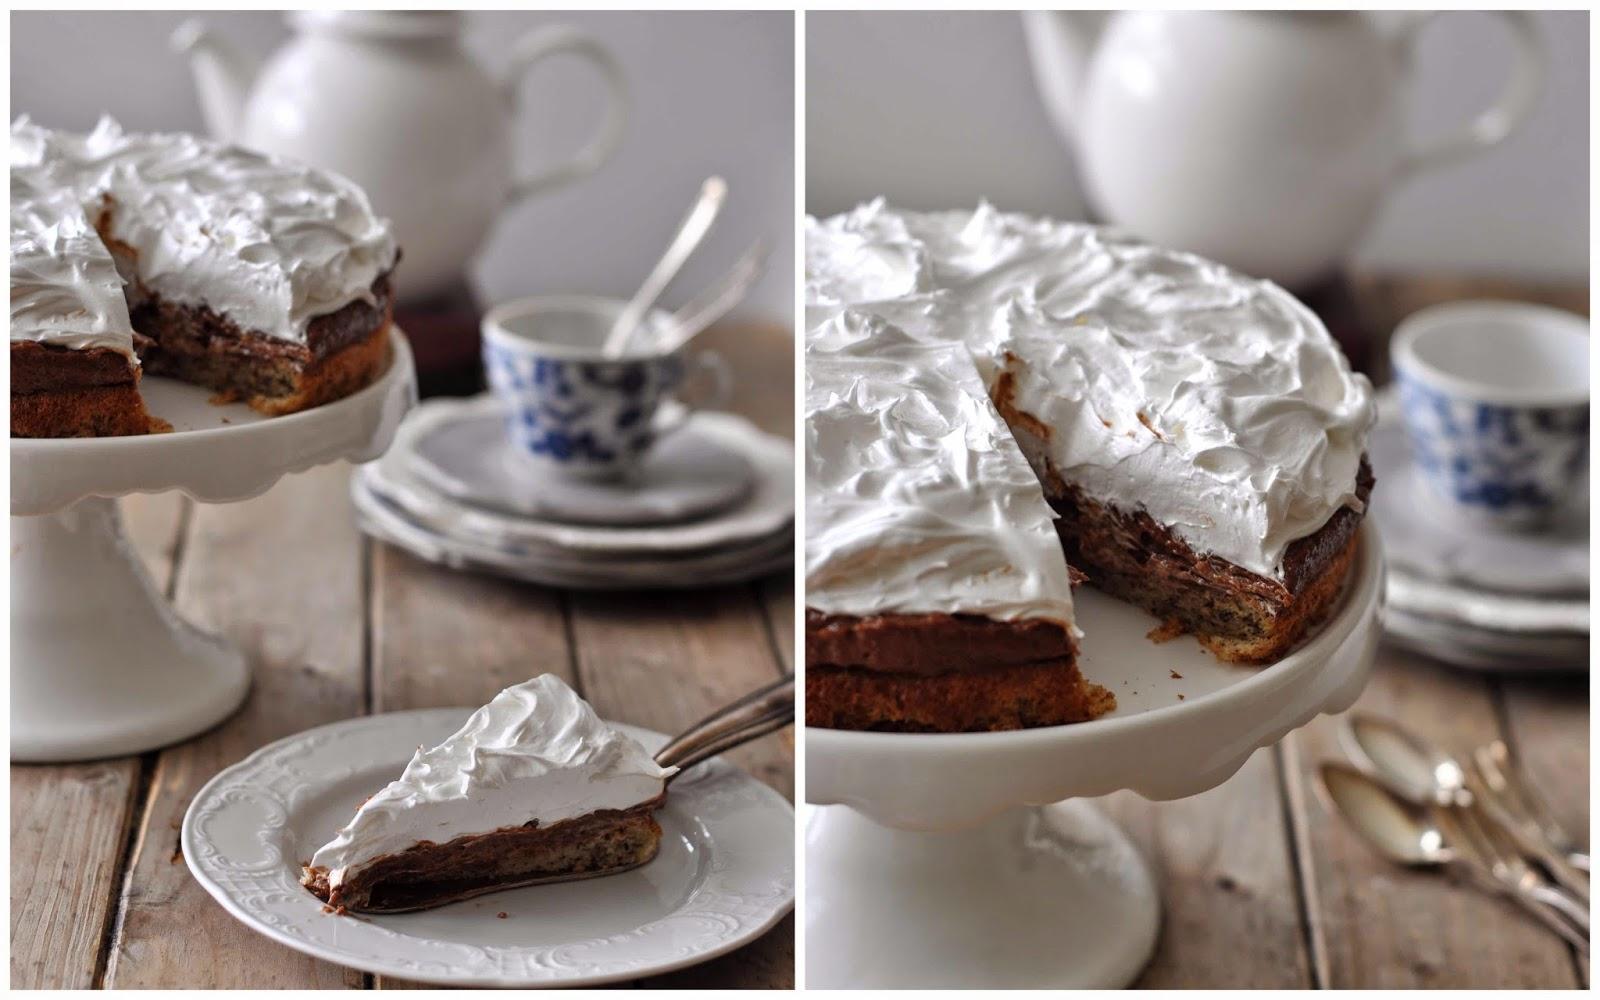 Vasa Cake Sebrian serbisch traditionell lecker Torte Kuchen Backen Rezept